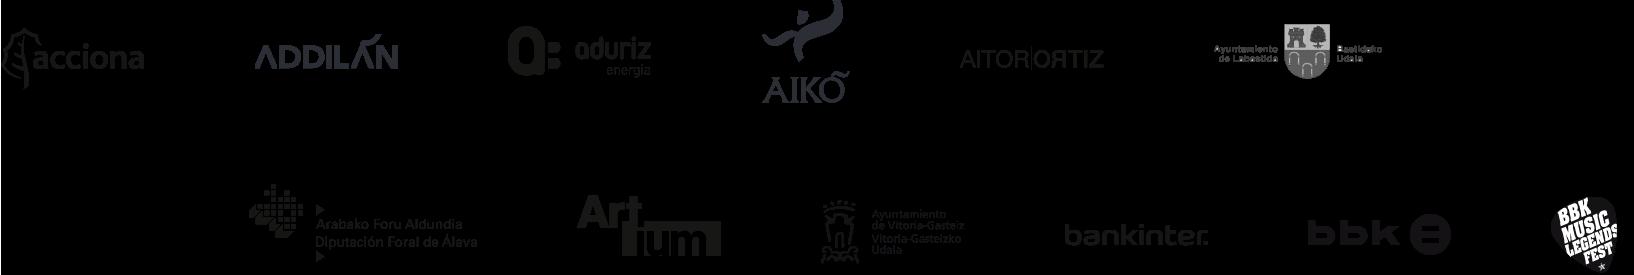 Logos_clientes_2020_1